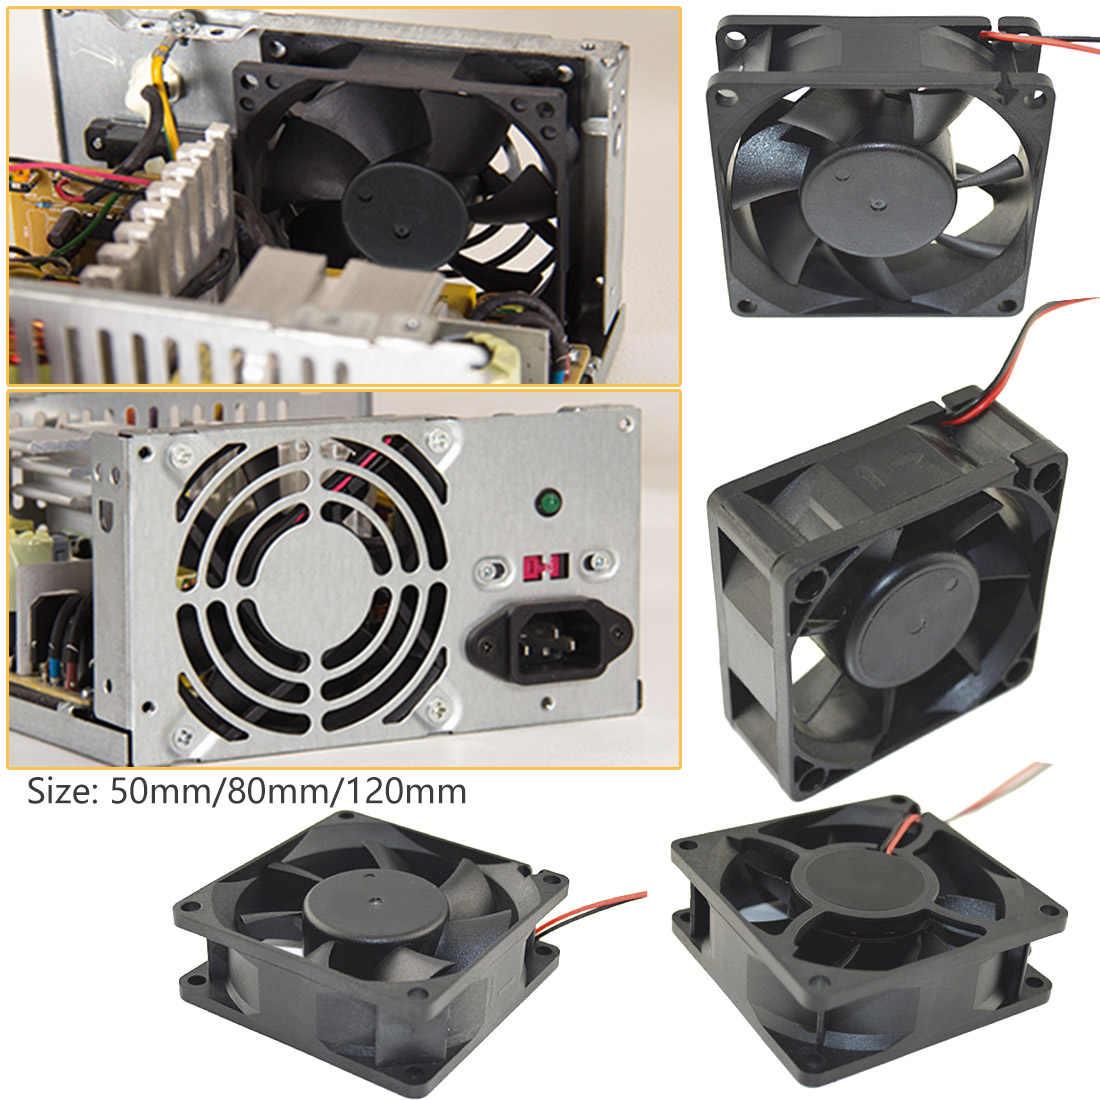 المحمولة مروحة كمبيوتر برودة 50 مللي متر 80 مللي متر 120 مللي متر 12 V 2 دبوس PC CPU تبريد تبريد مروحة وحدة معالجة خارجية للحاسوب وحدة المعالجة المركزية برودة المبرد